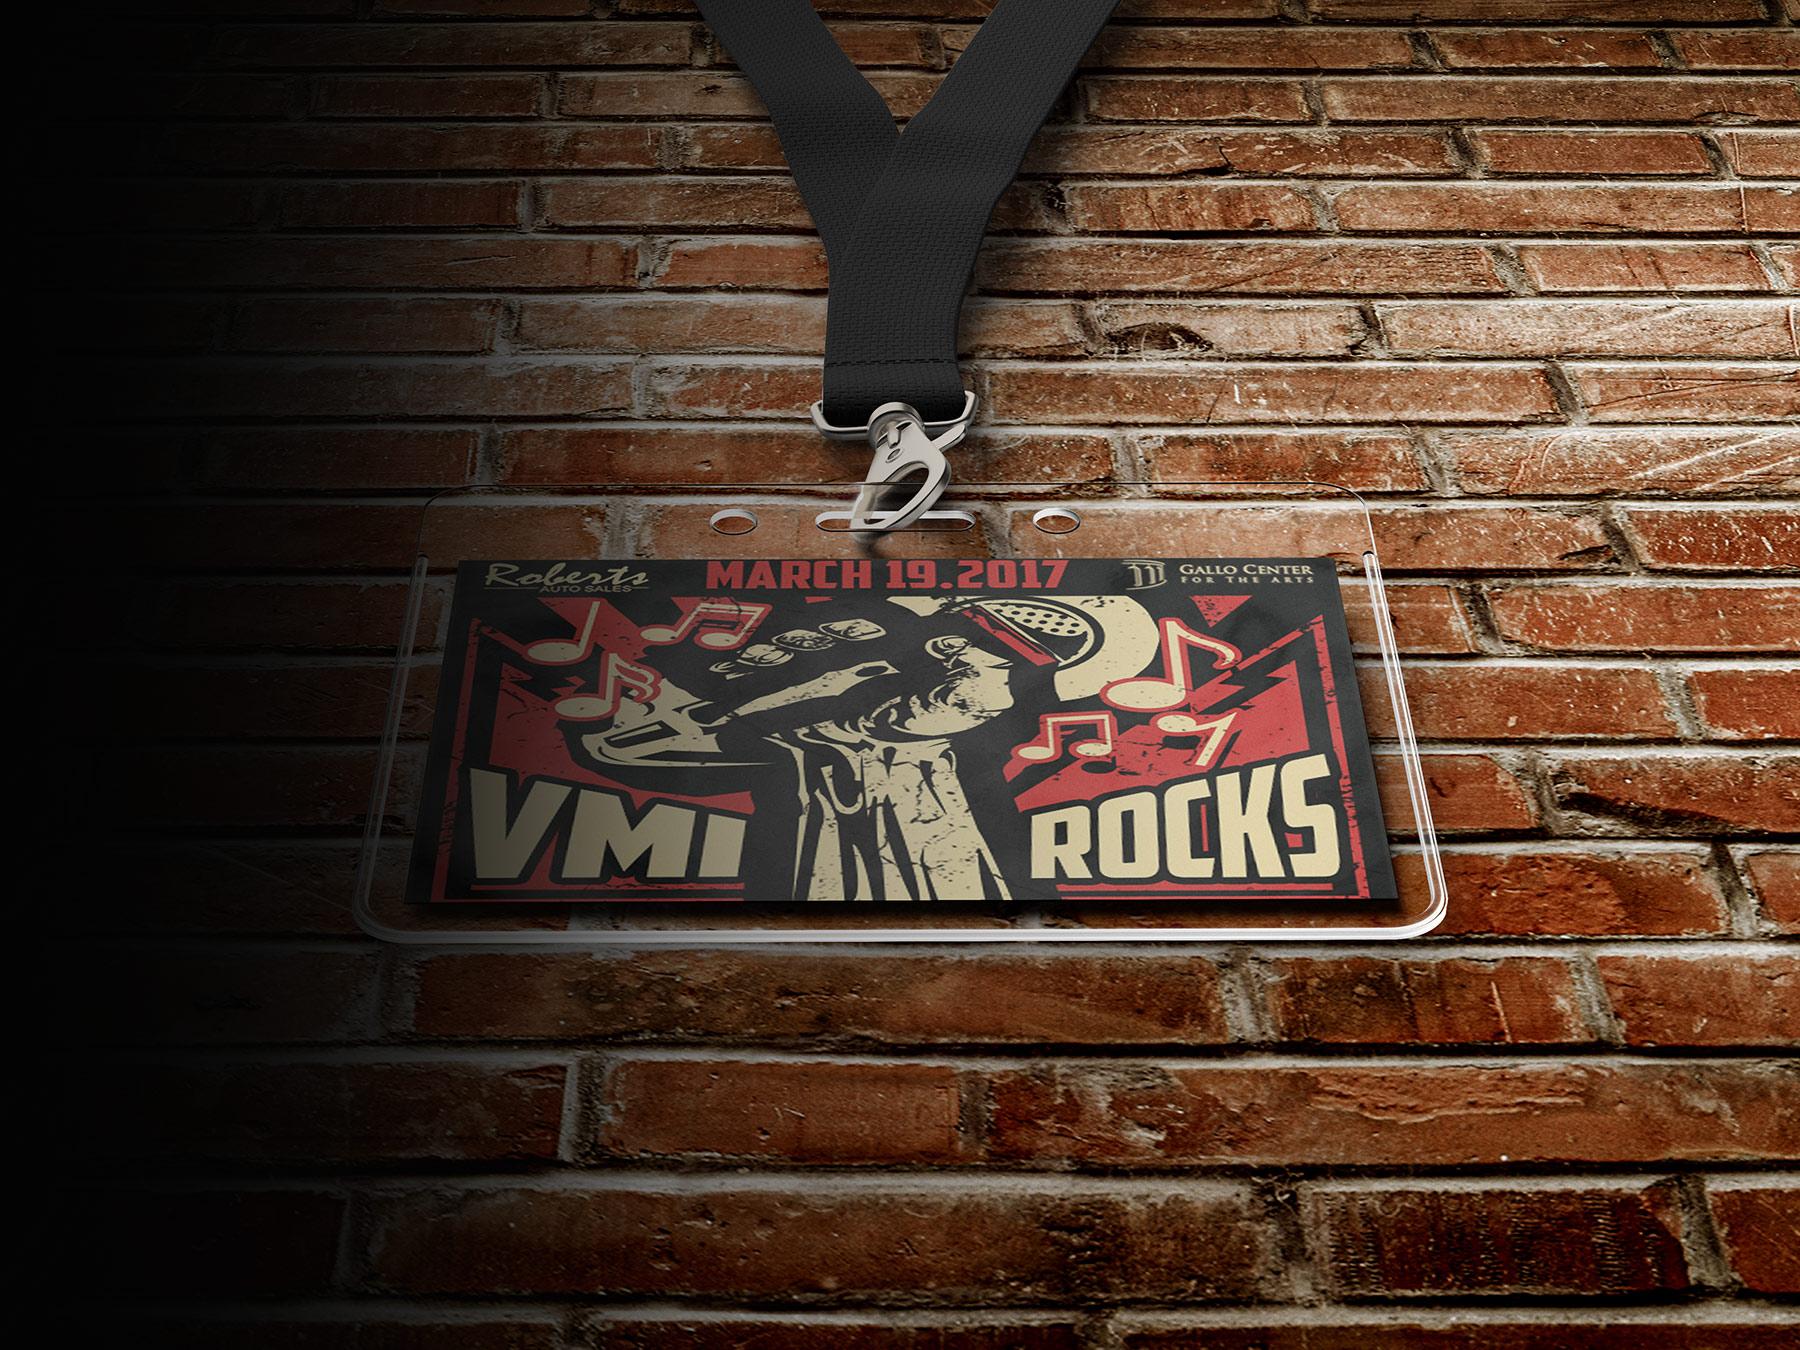 VMI Rocks